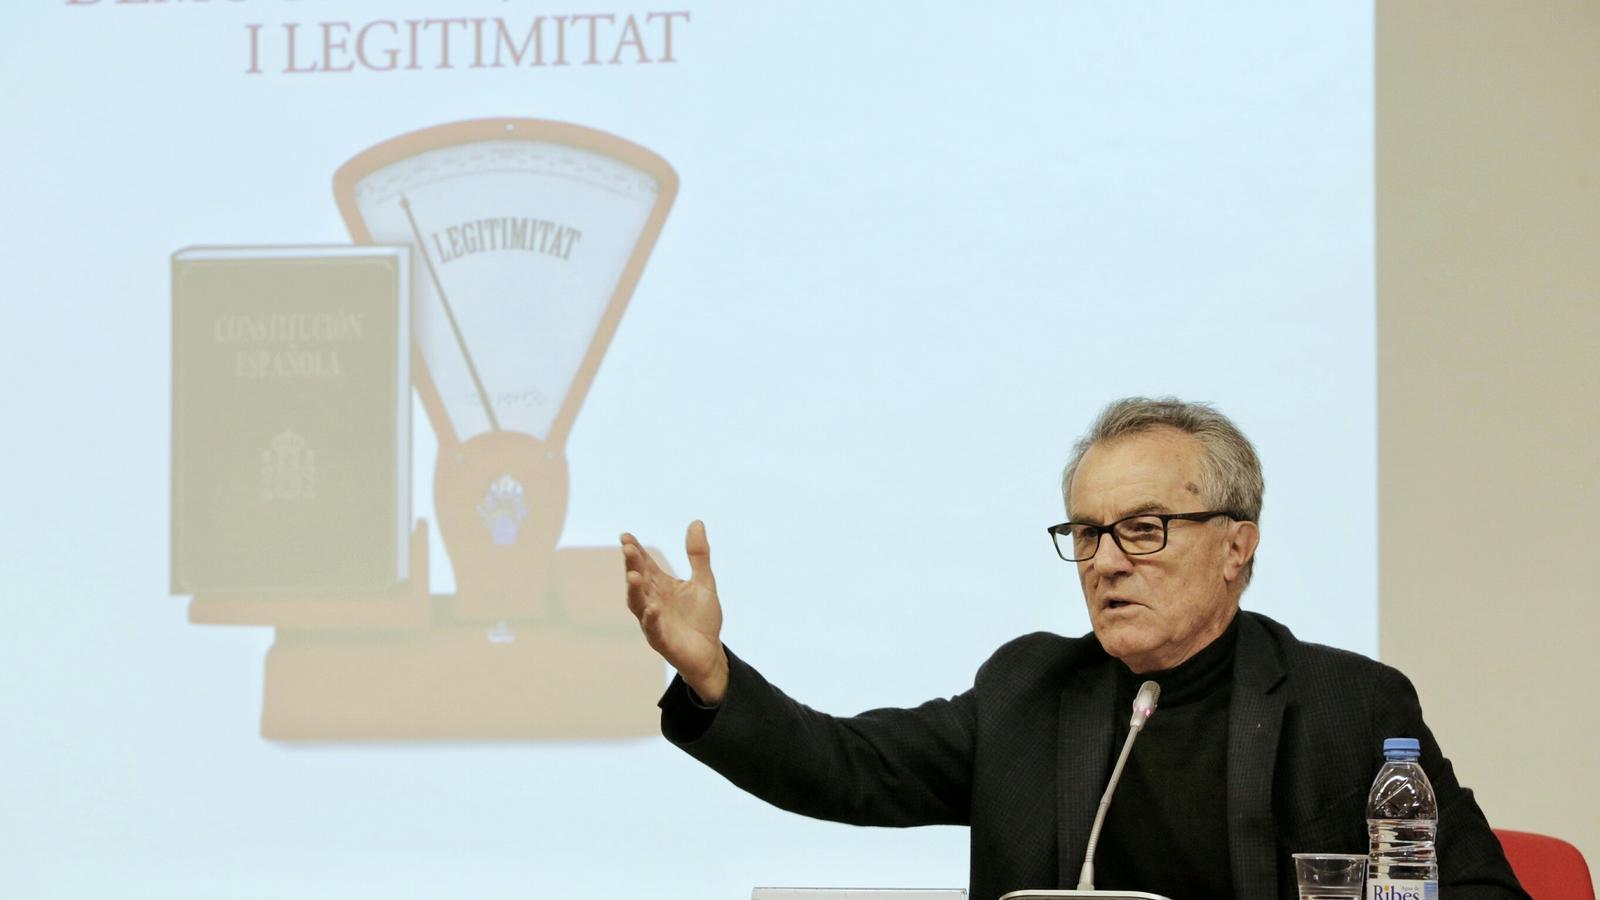 El catedràtic de dret Constitucional, Javier Pérez Royo